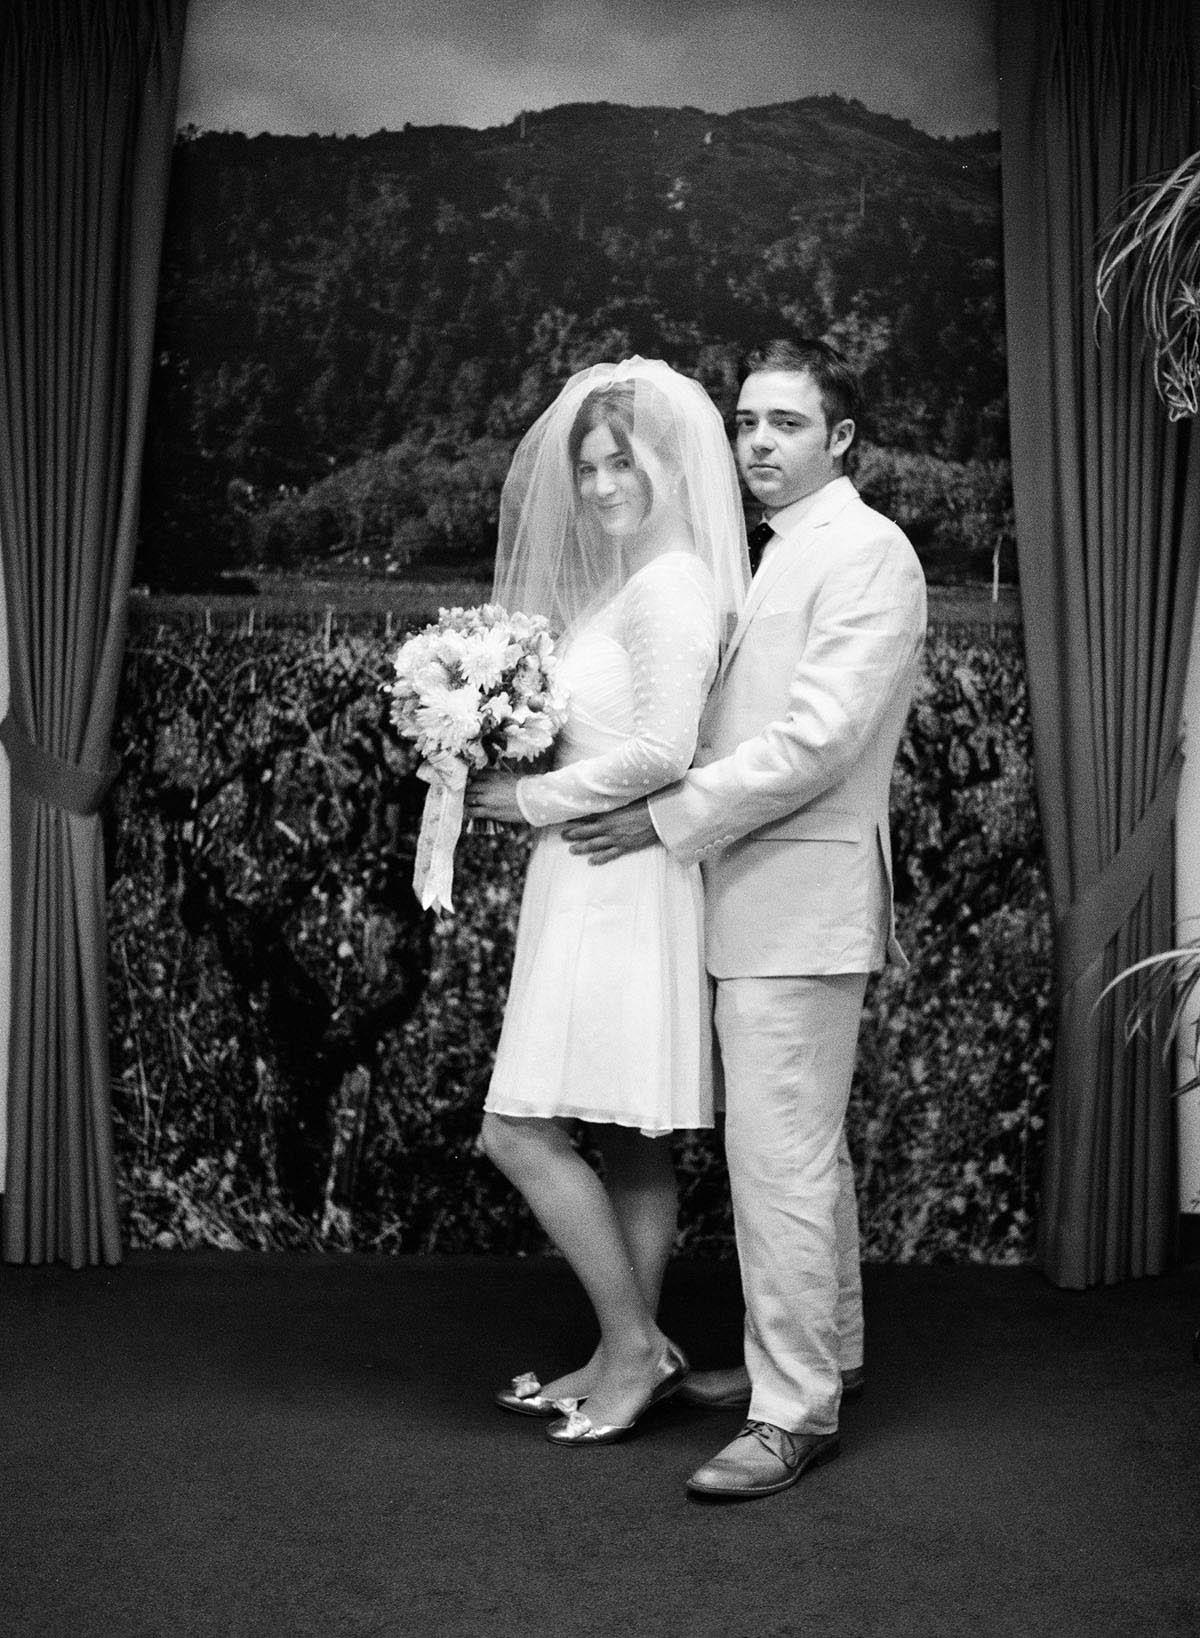 35-bride-groom-recreate-prom-pose.jpg